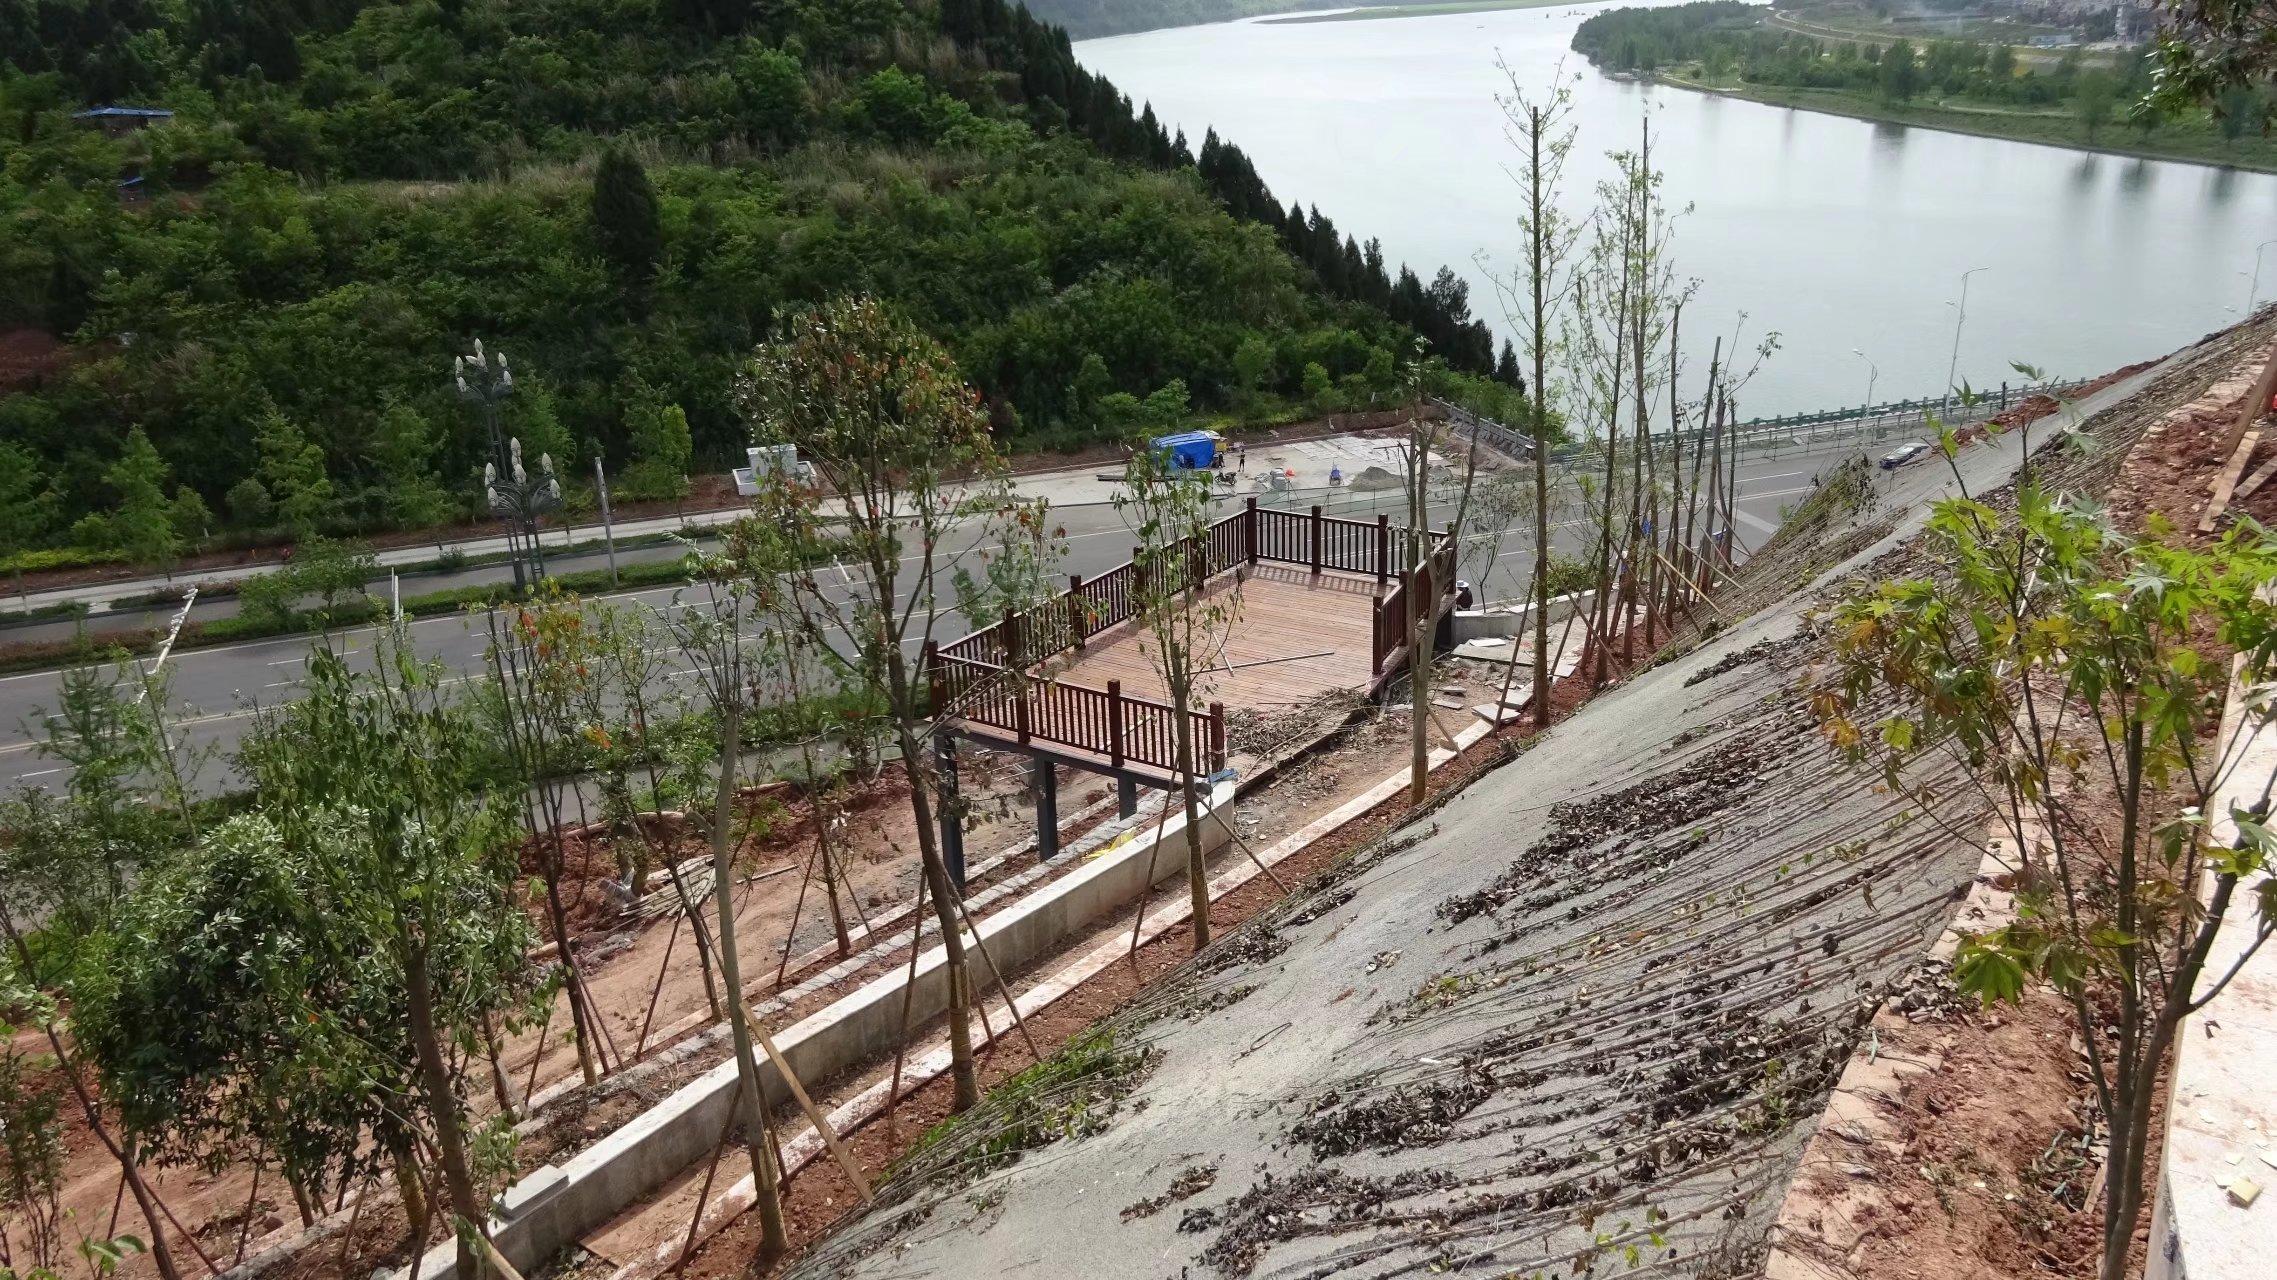 蓬安桑梓火锅公园施工进度(2018-05-10) - 第17张  | 蓬安在线